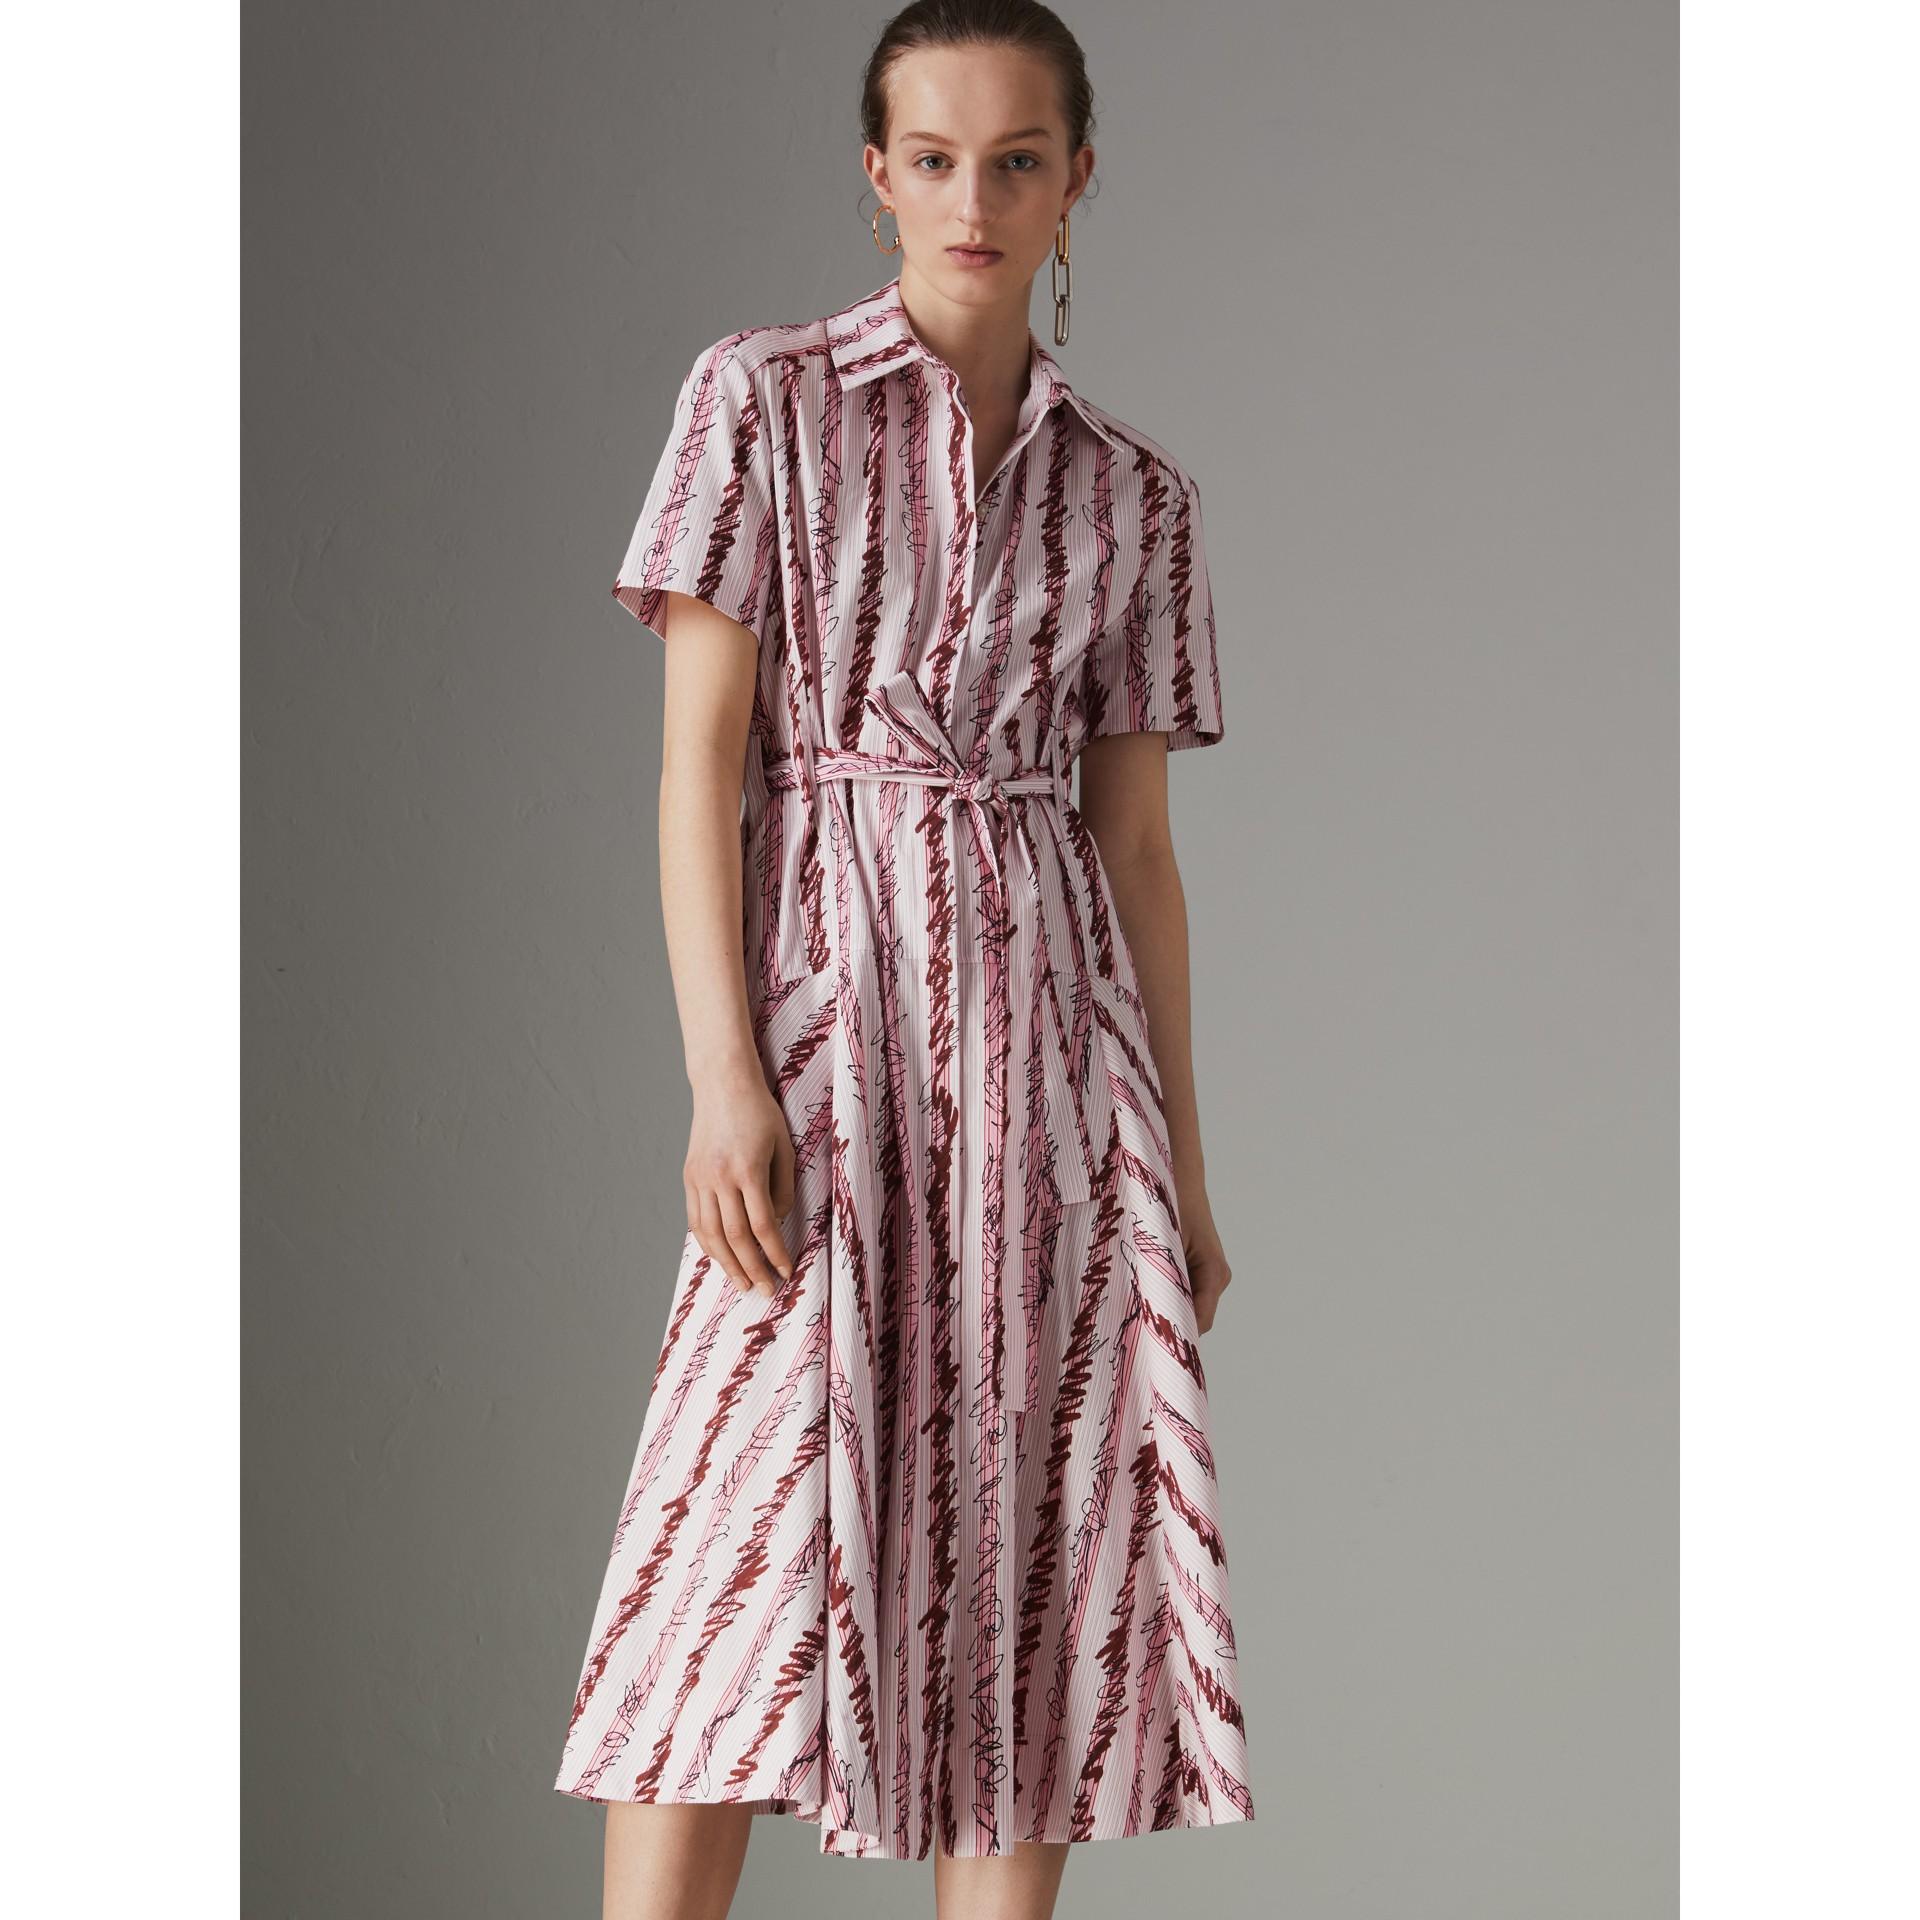 Robe chemise en coton à motif rayé griffonné (Rose Clair) - Femme | Burberry - photo de la galerie 4